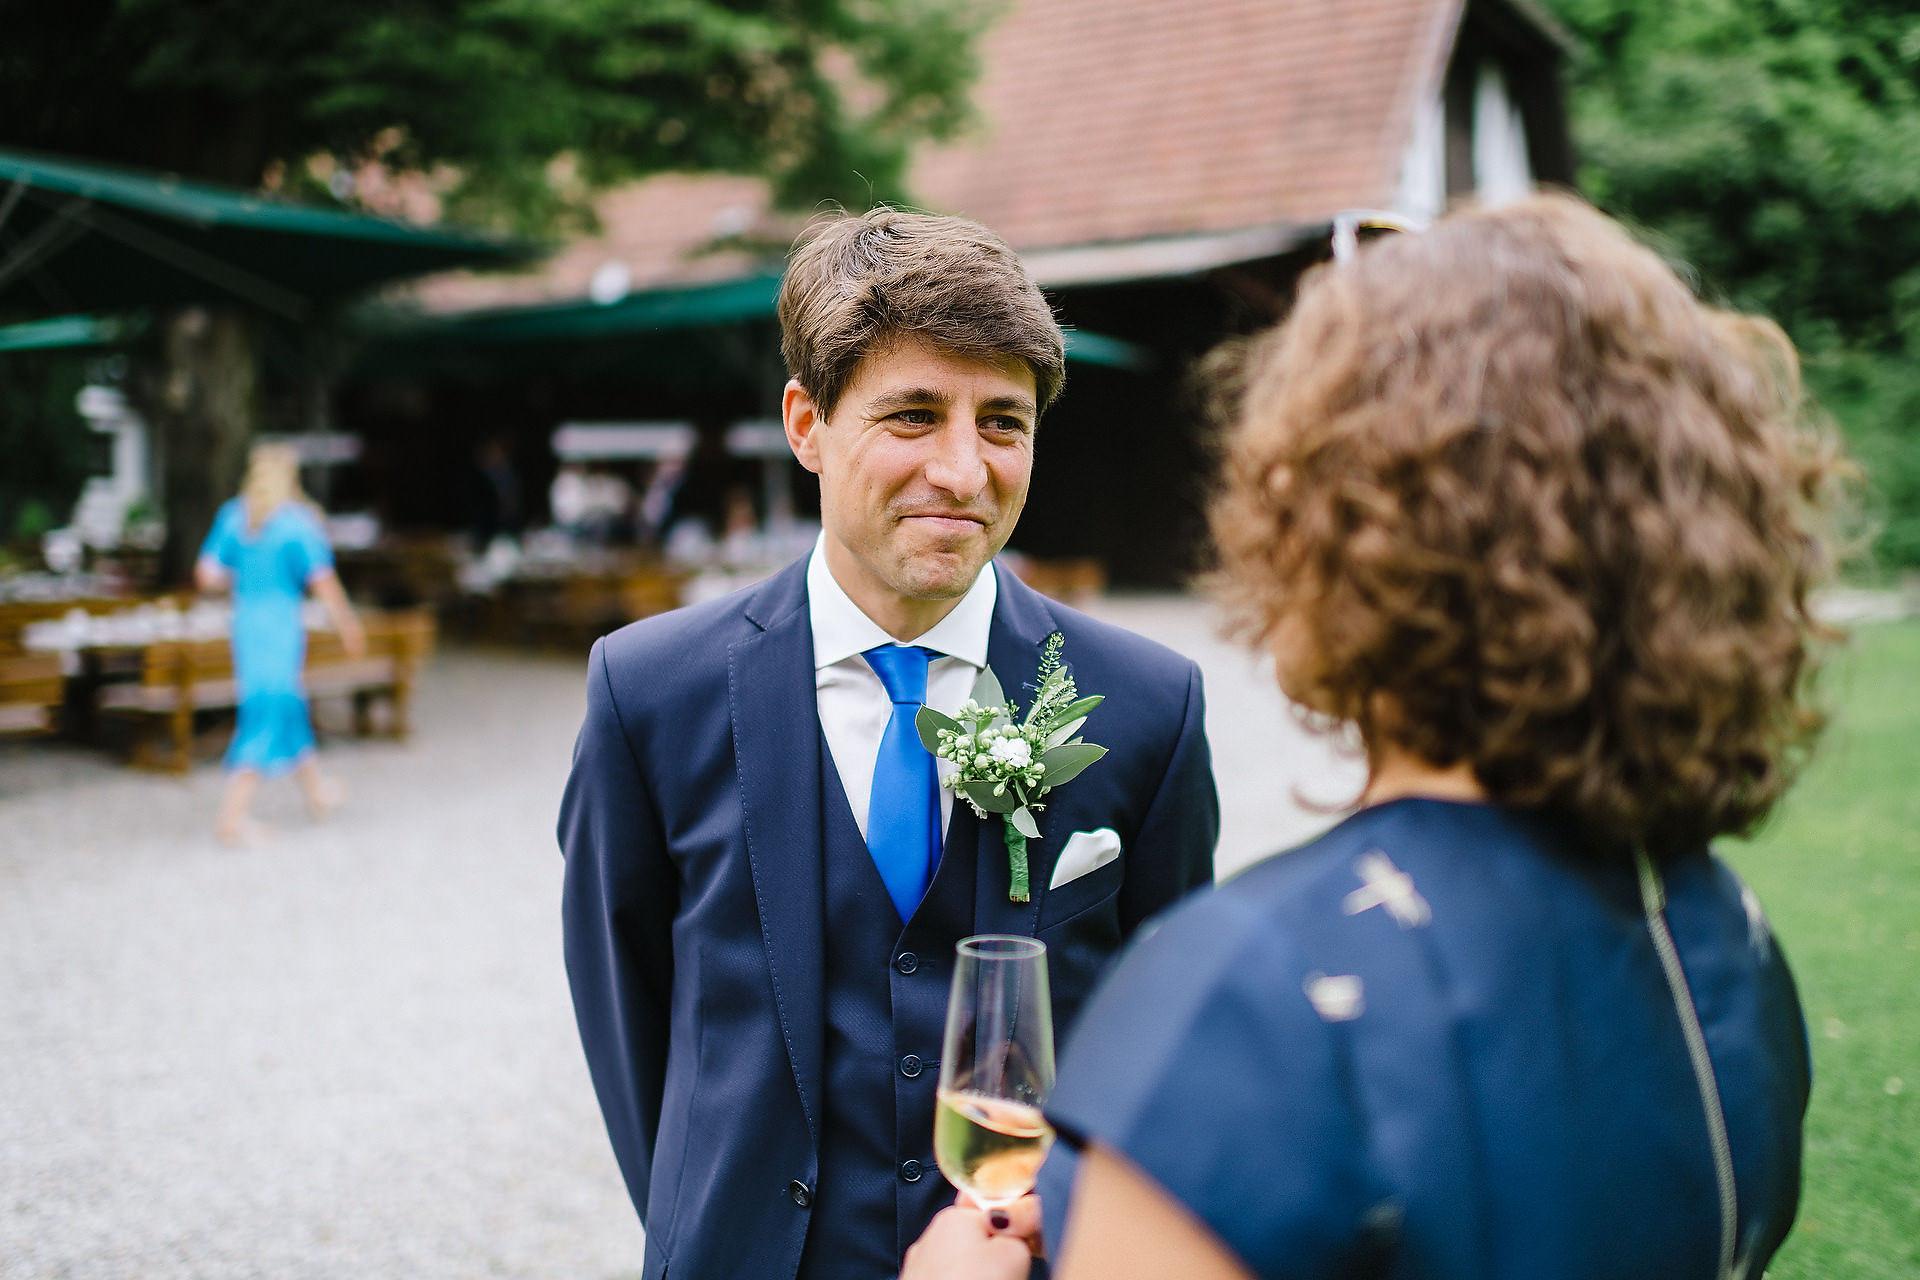 Fotograf Konstanz - Hochzeitsreportage Freiburg Hofgut Lilienhof Hochzeit Fotograf Konstanz 39 - Hochzeit in Freiburg und Hofgut Lilienhof  - 138 -